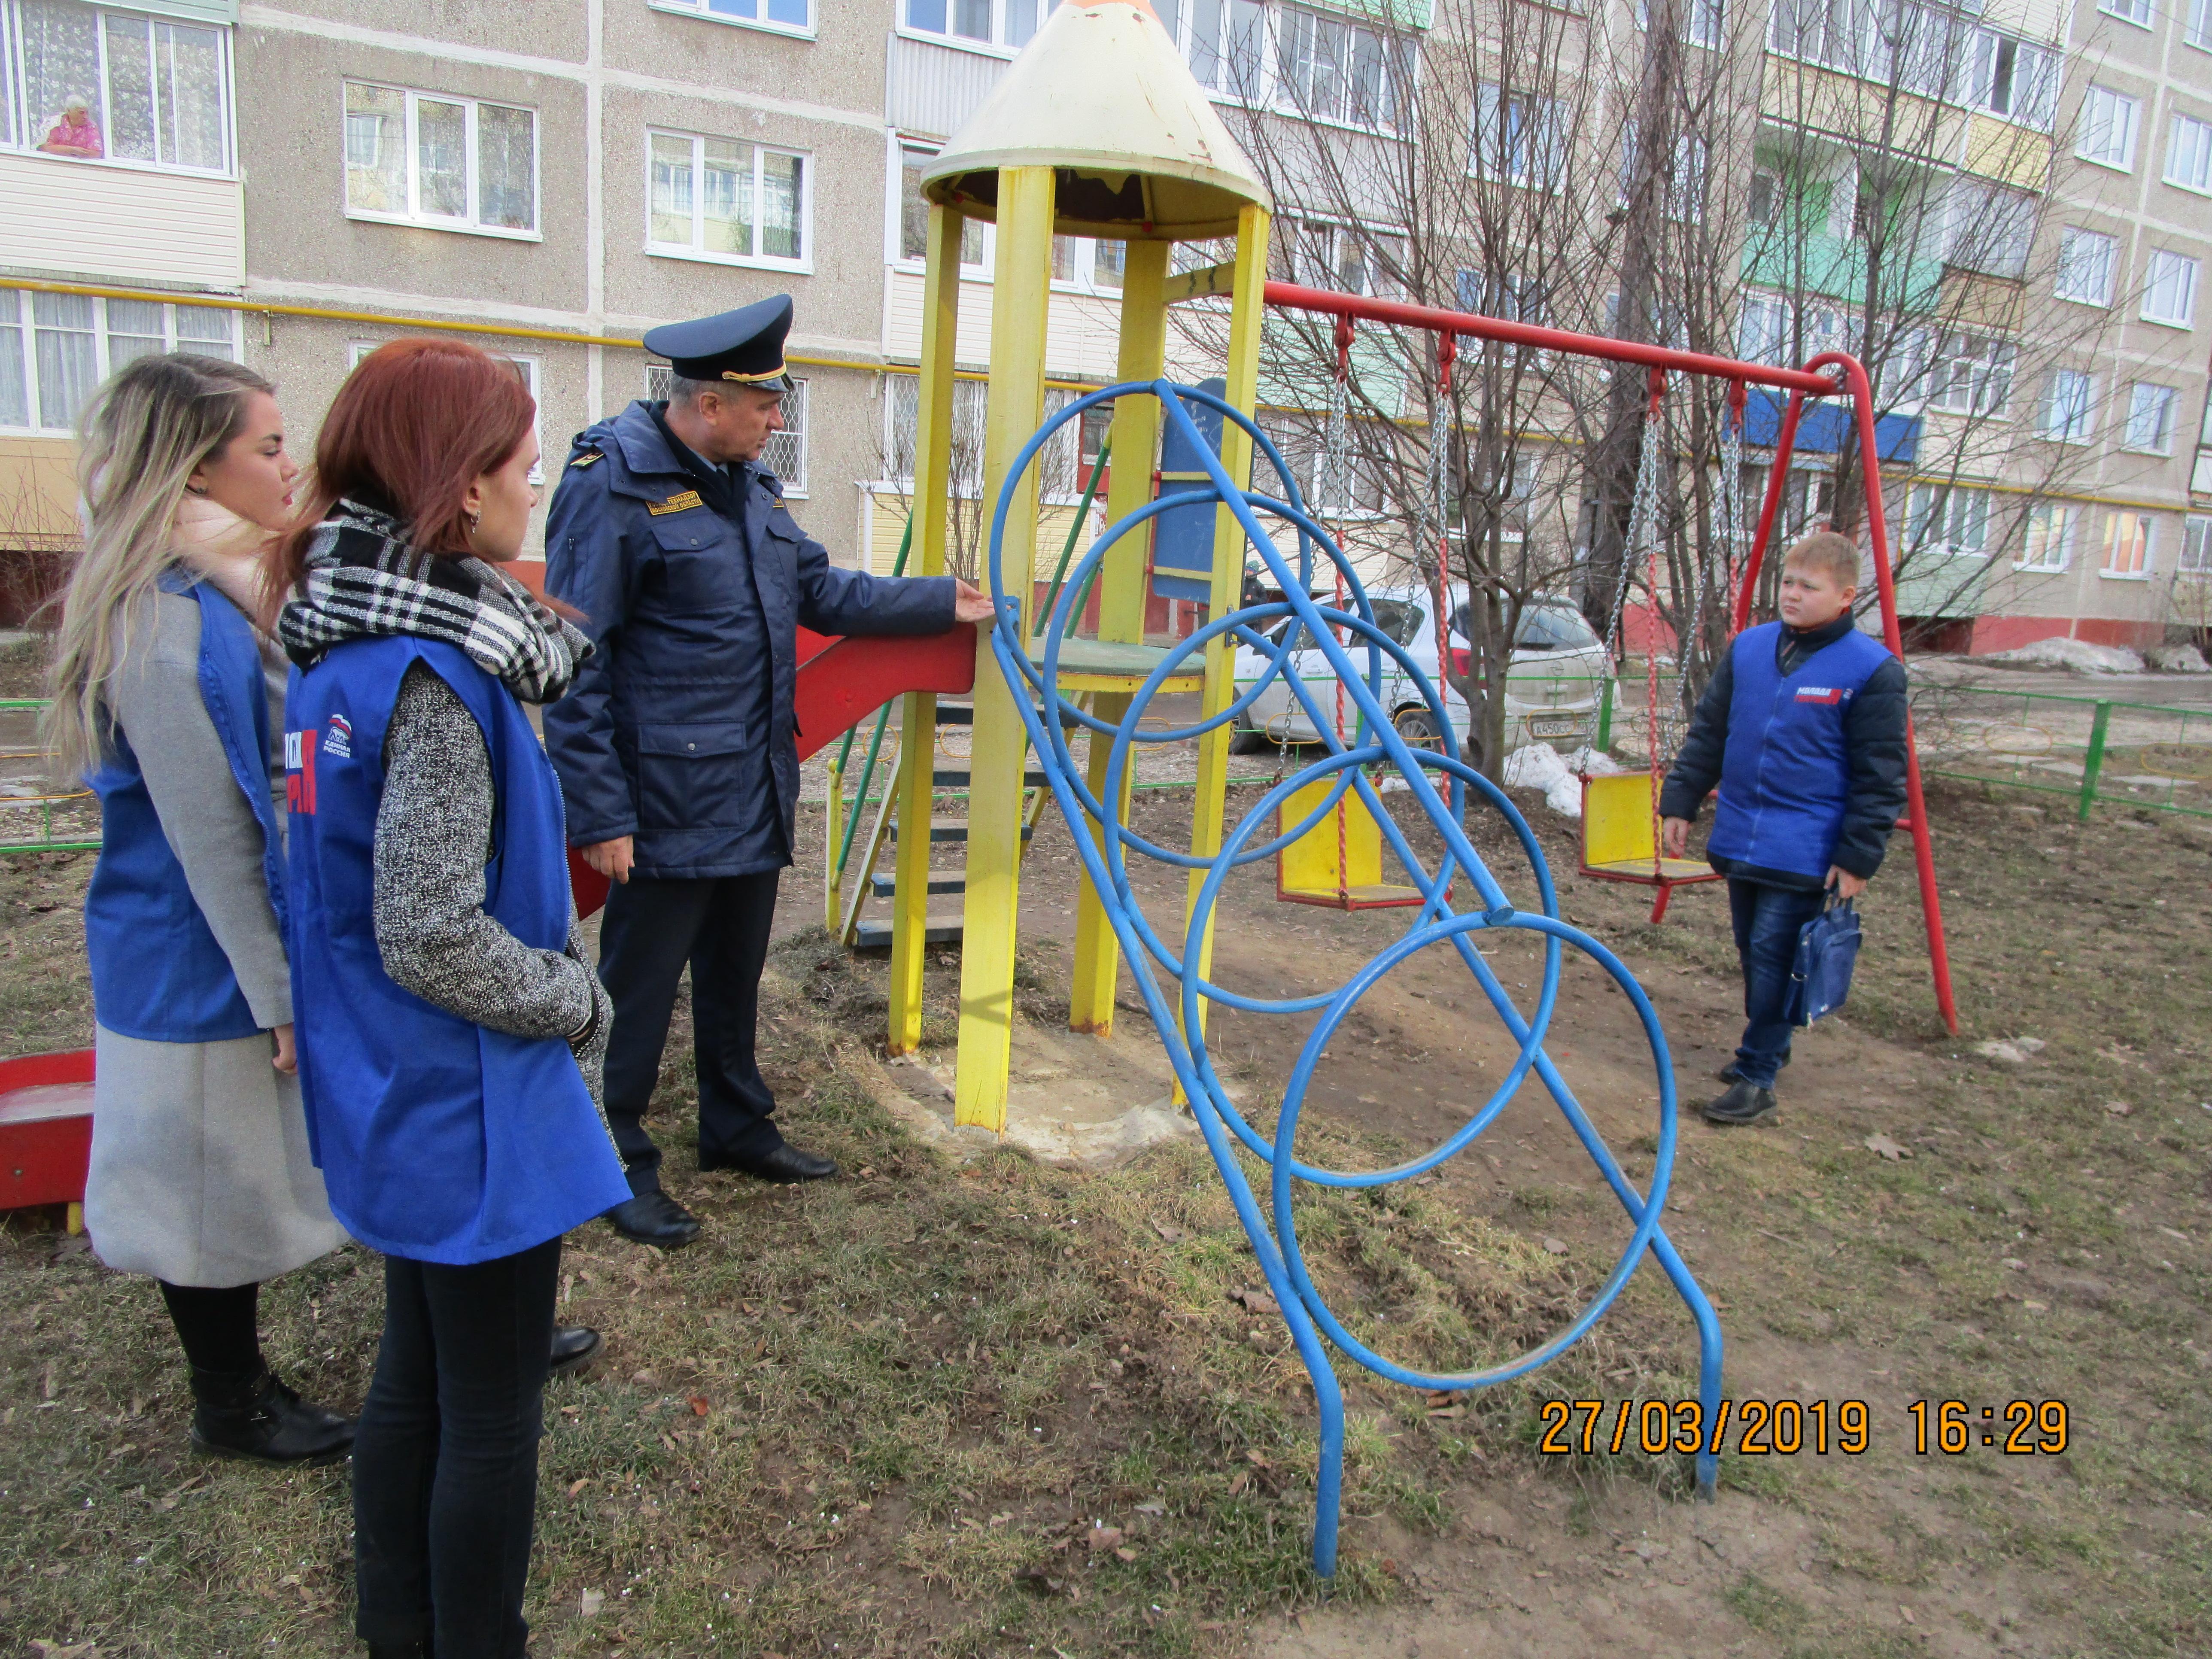 Госадмтехнадзор: За неделю в Коломенском городском округе устранено более 67 нарушений